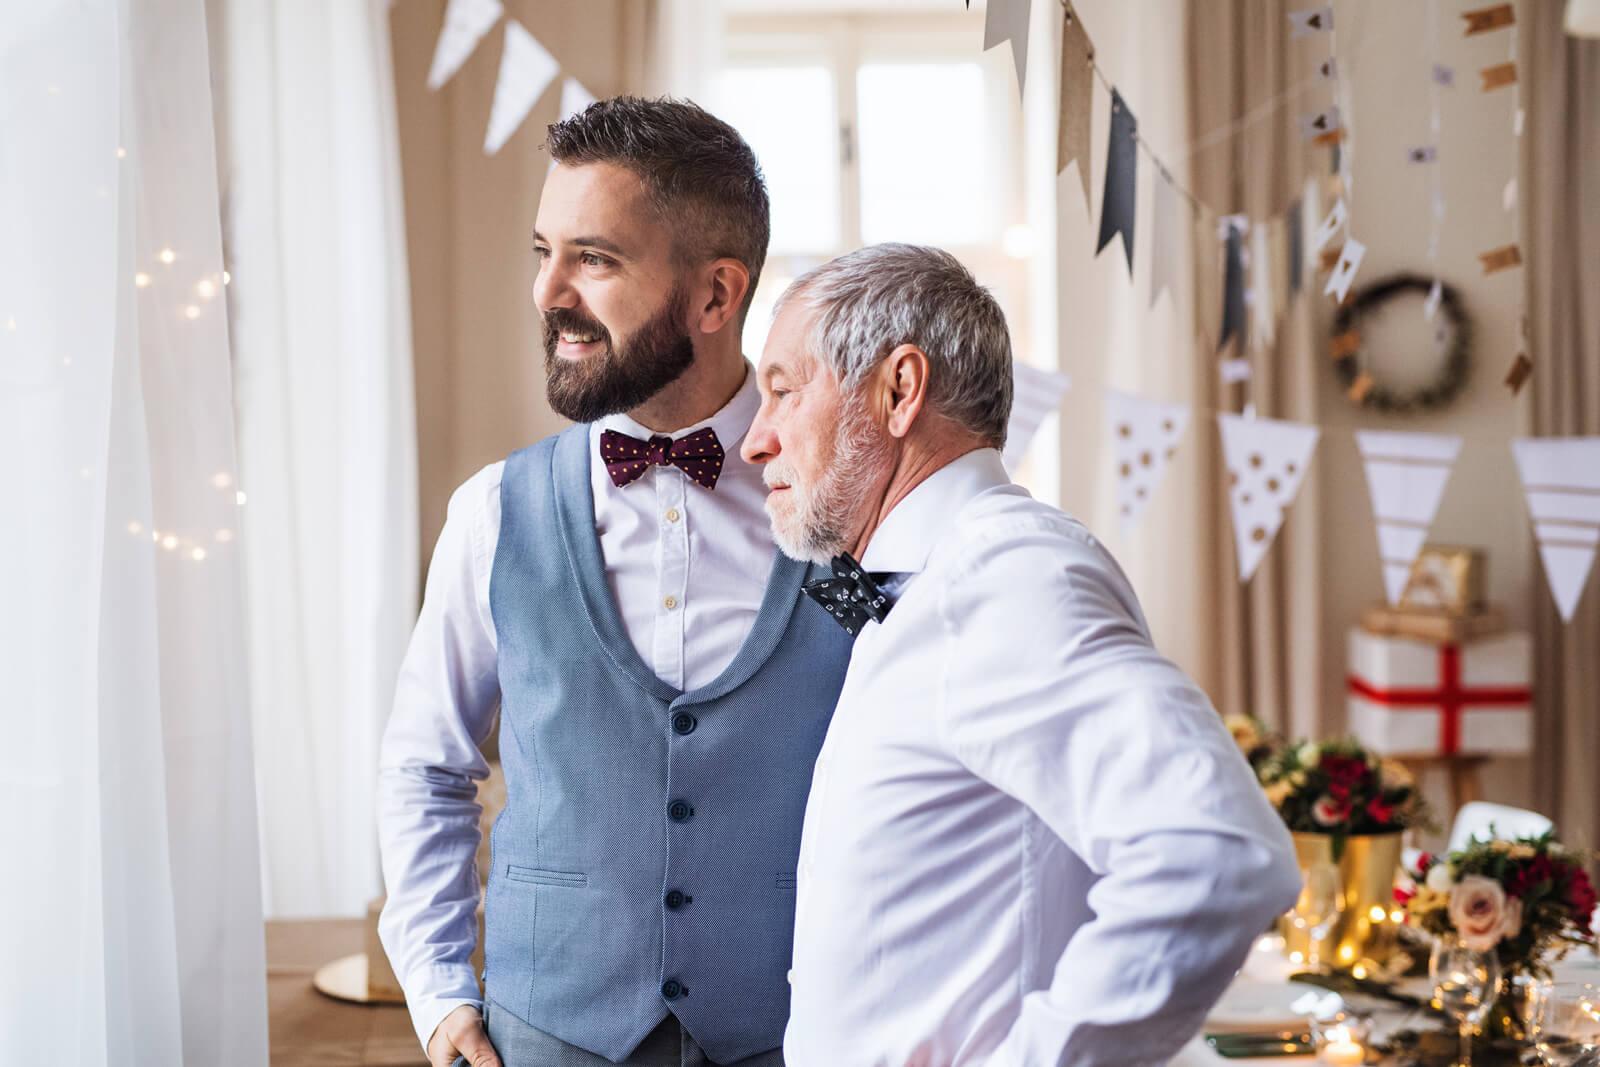 Πώς ένα εστιατόριο μπορεί να αξιοποιήσει τις πελατειακές σχέσεις